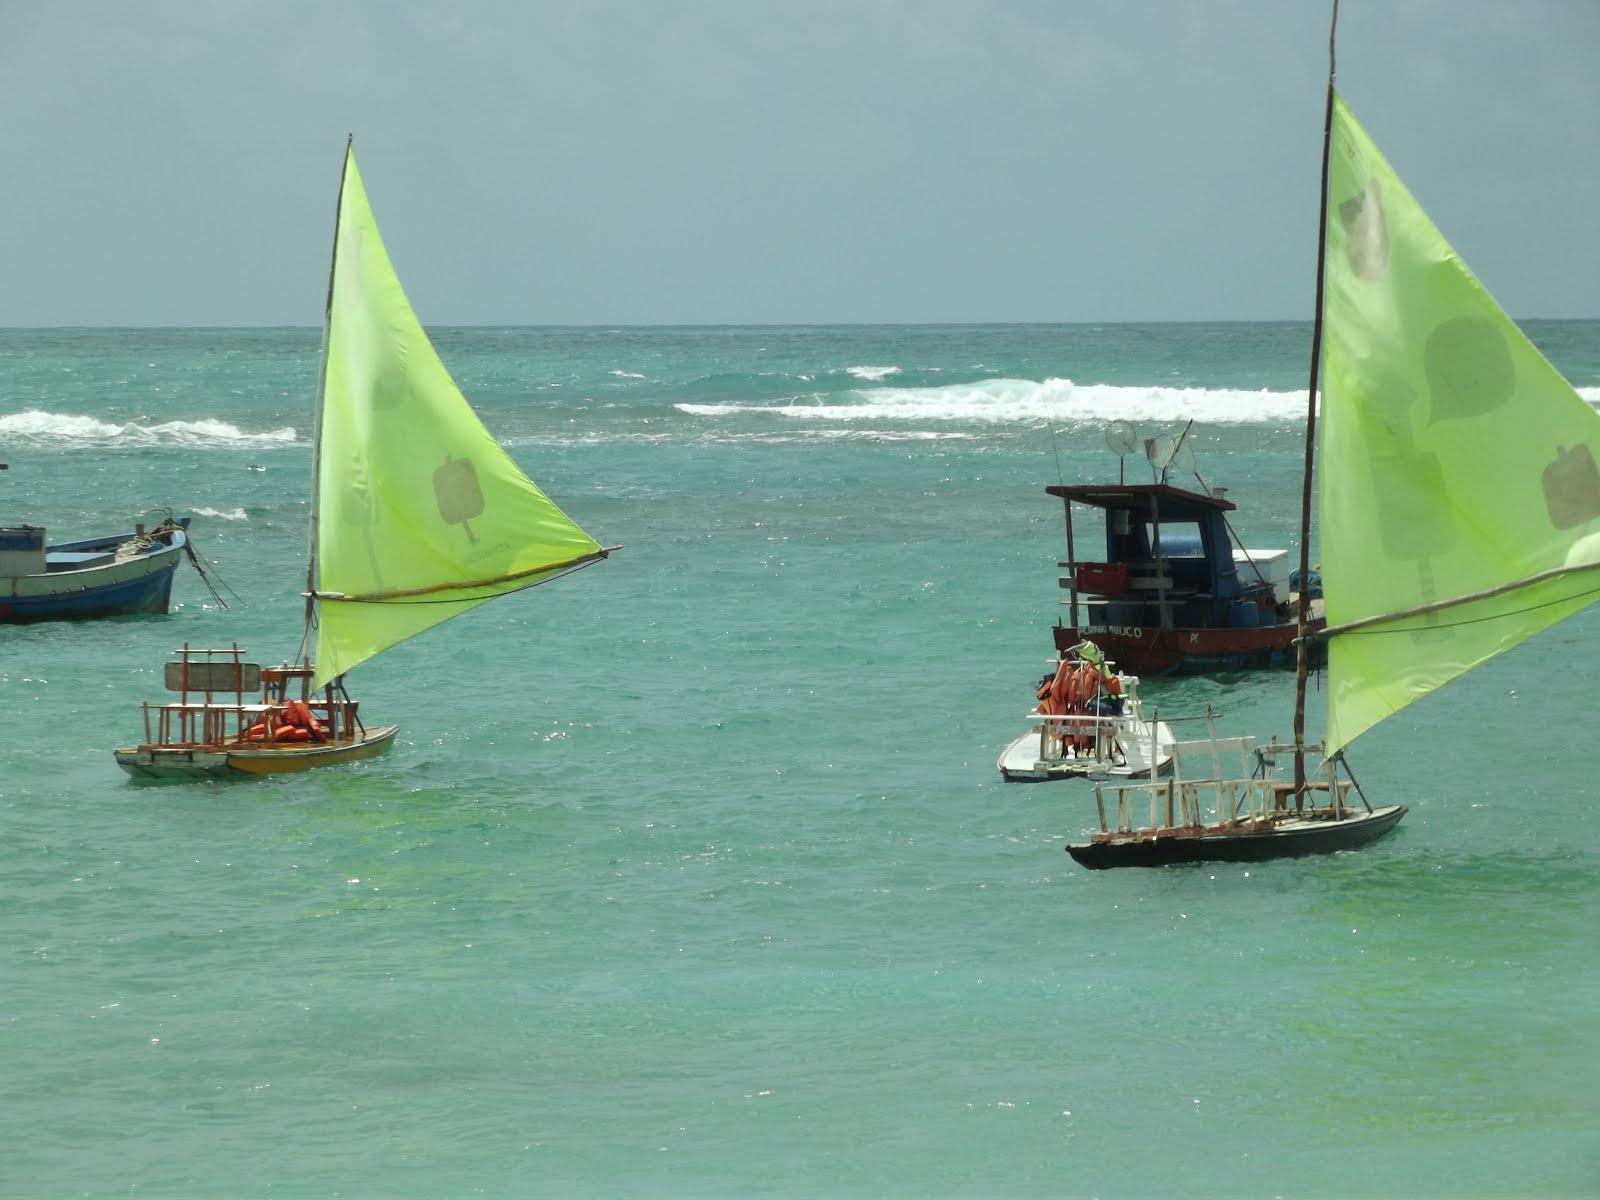 Paisagem marítima